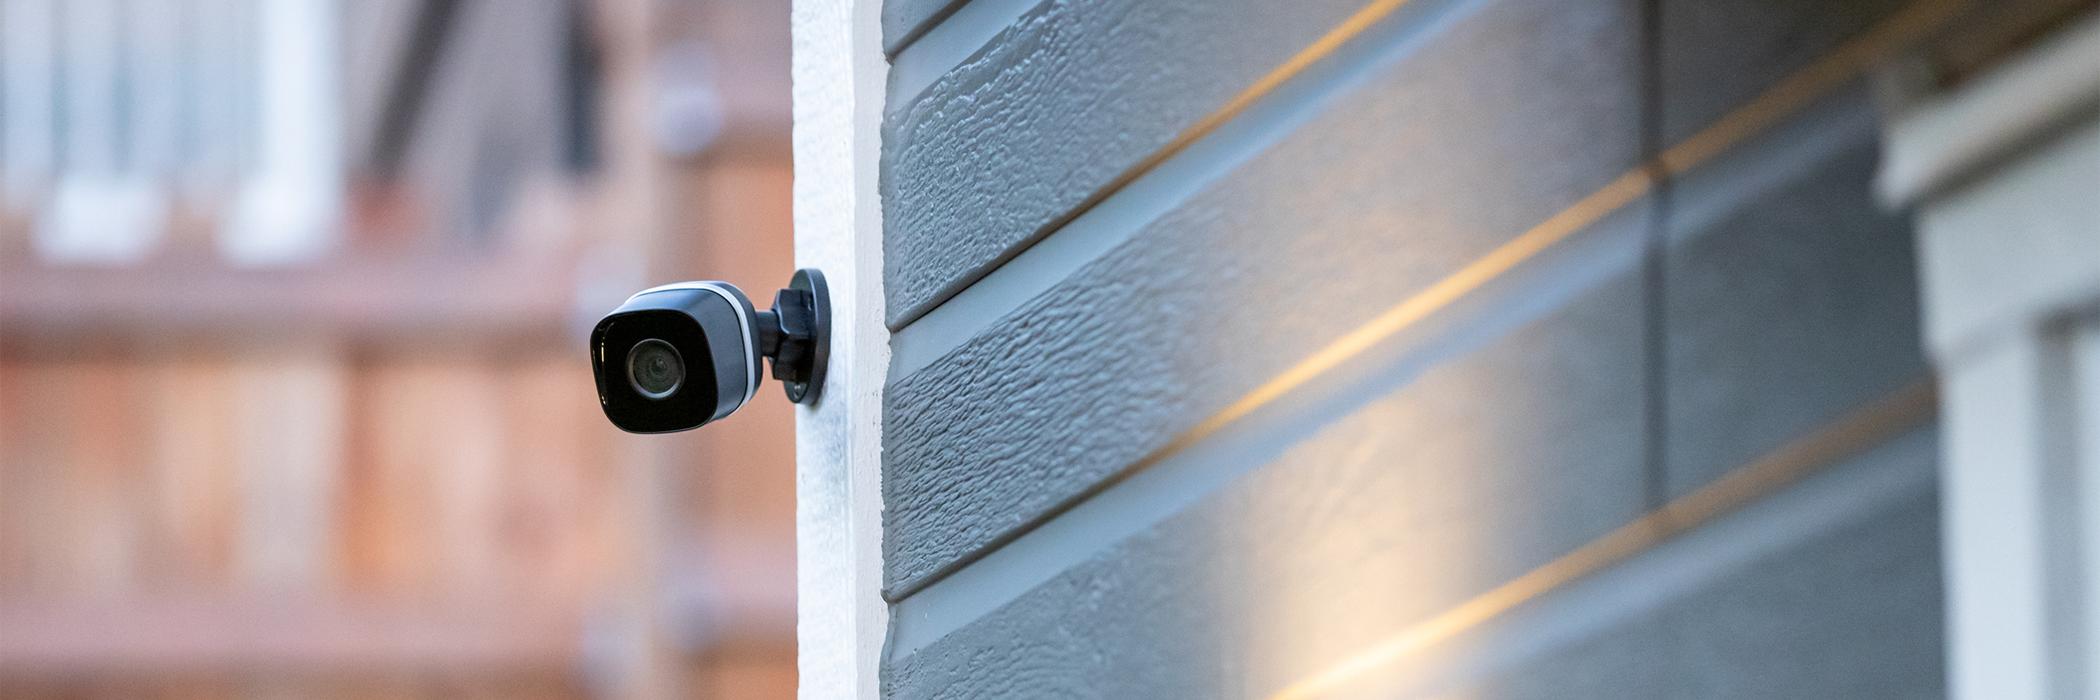 Outdoor security camera.